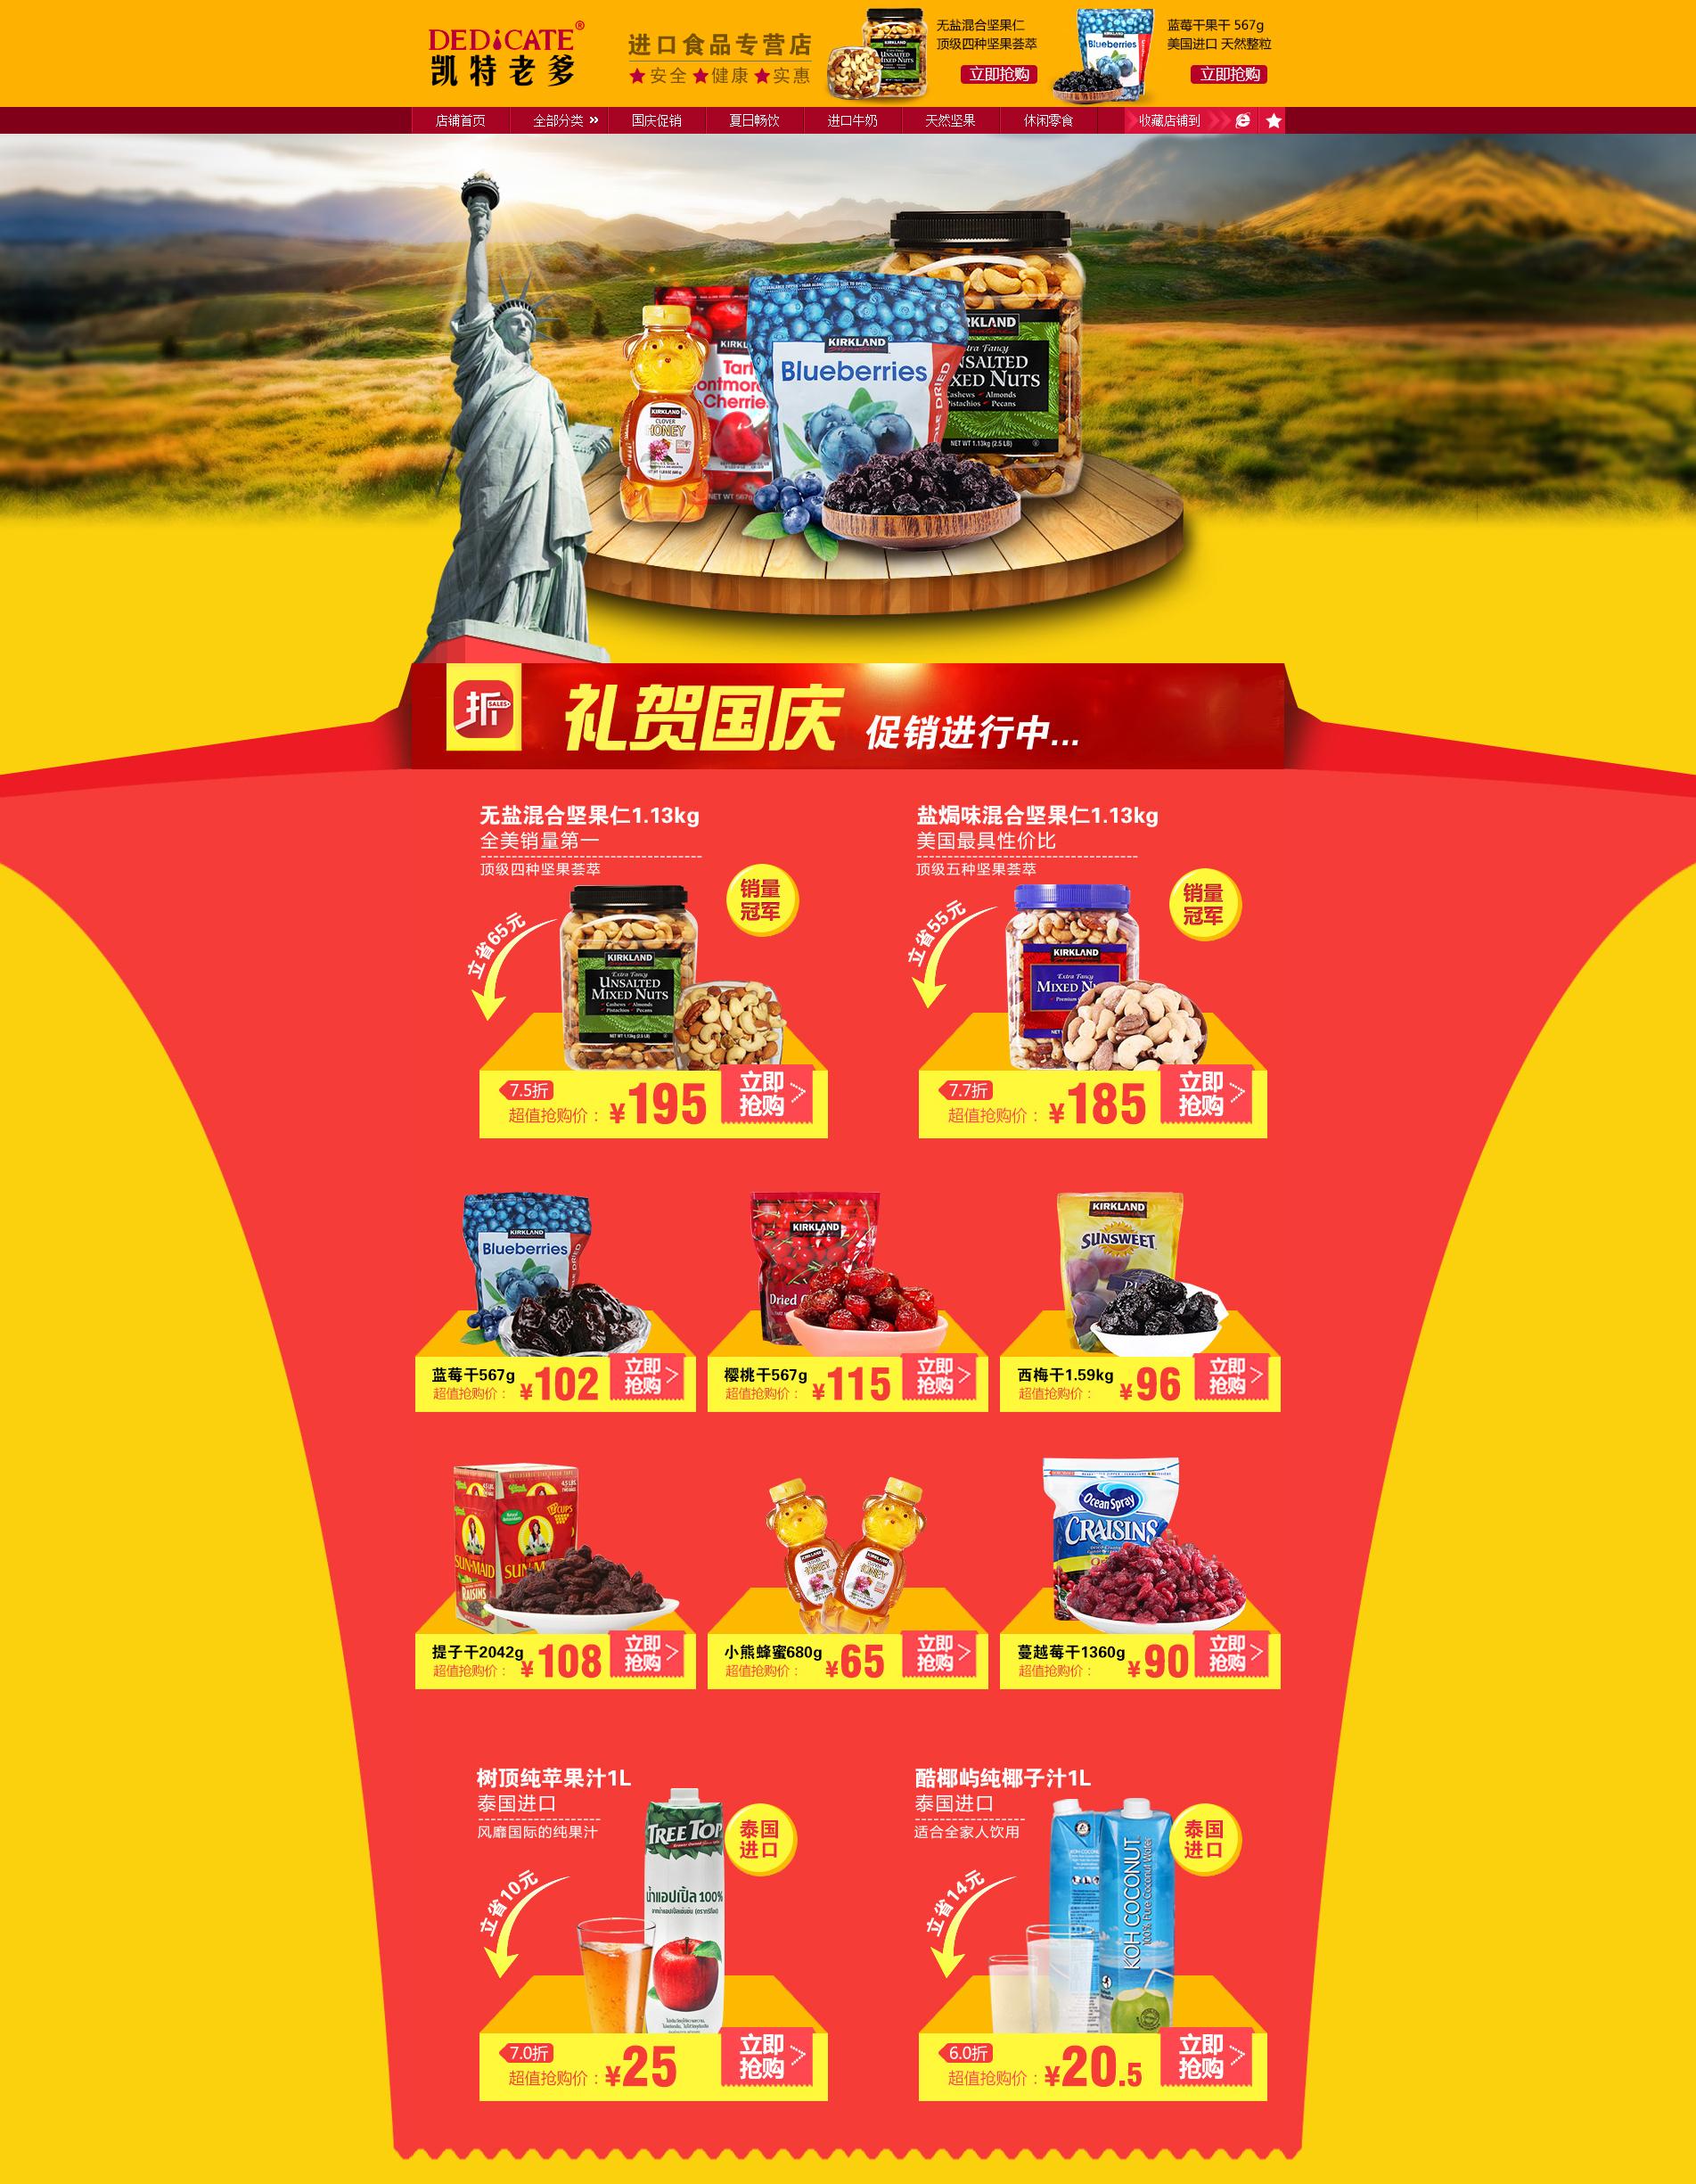 国庆专题联合营销进口食品零食饮料网页页面设计食物相关的网页设计欣图片